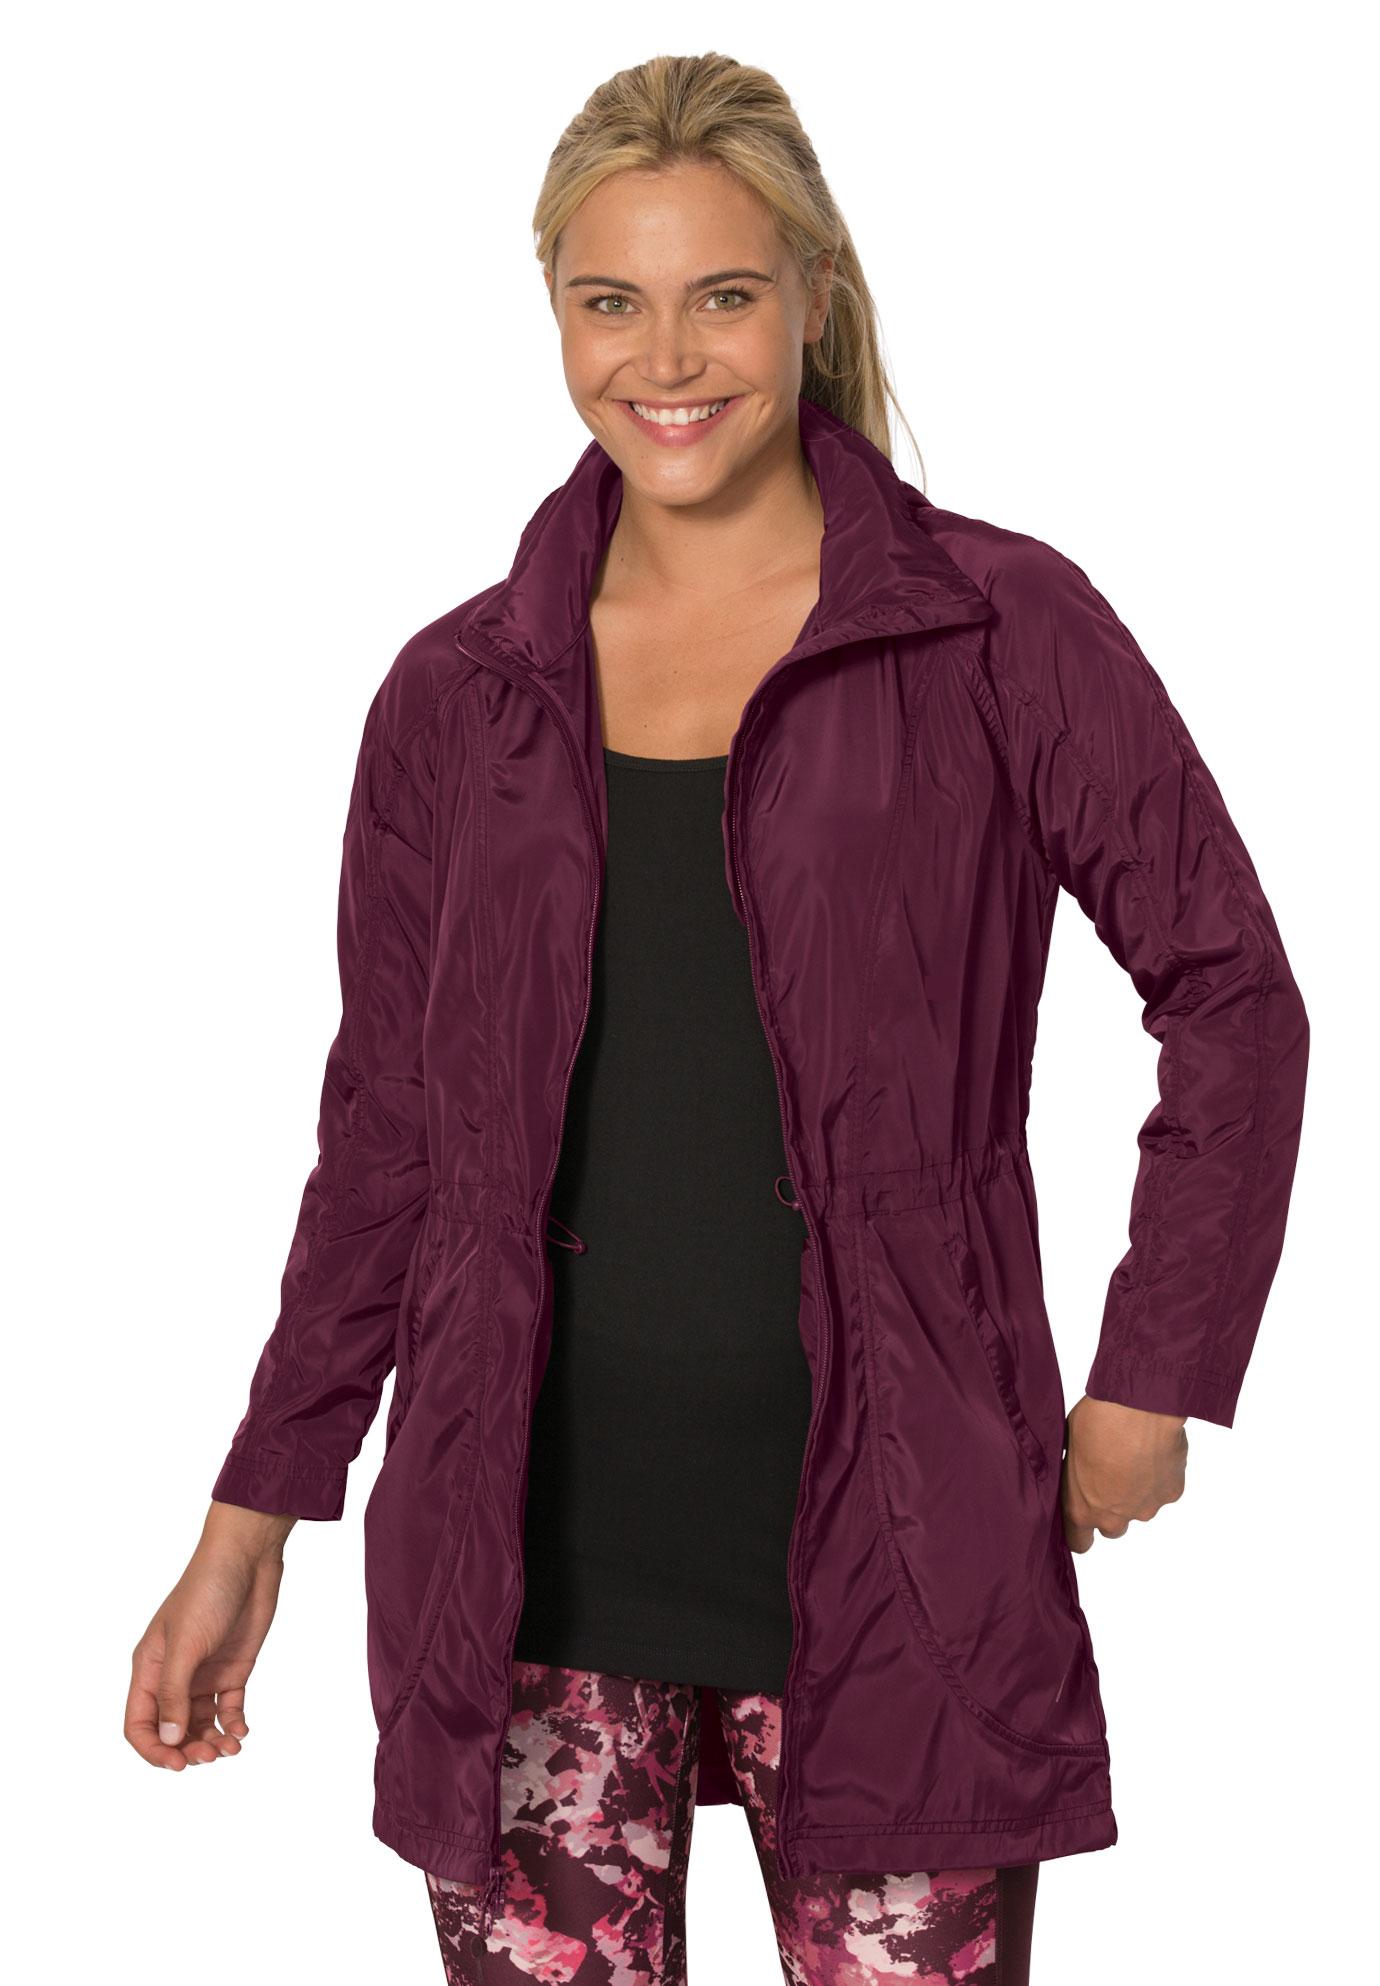 534f0c627db Hooded anorak by fullbeauty SPORT®| Plus Size Active & Swimwear ...